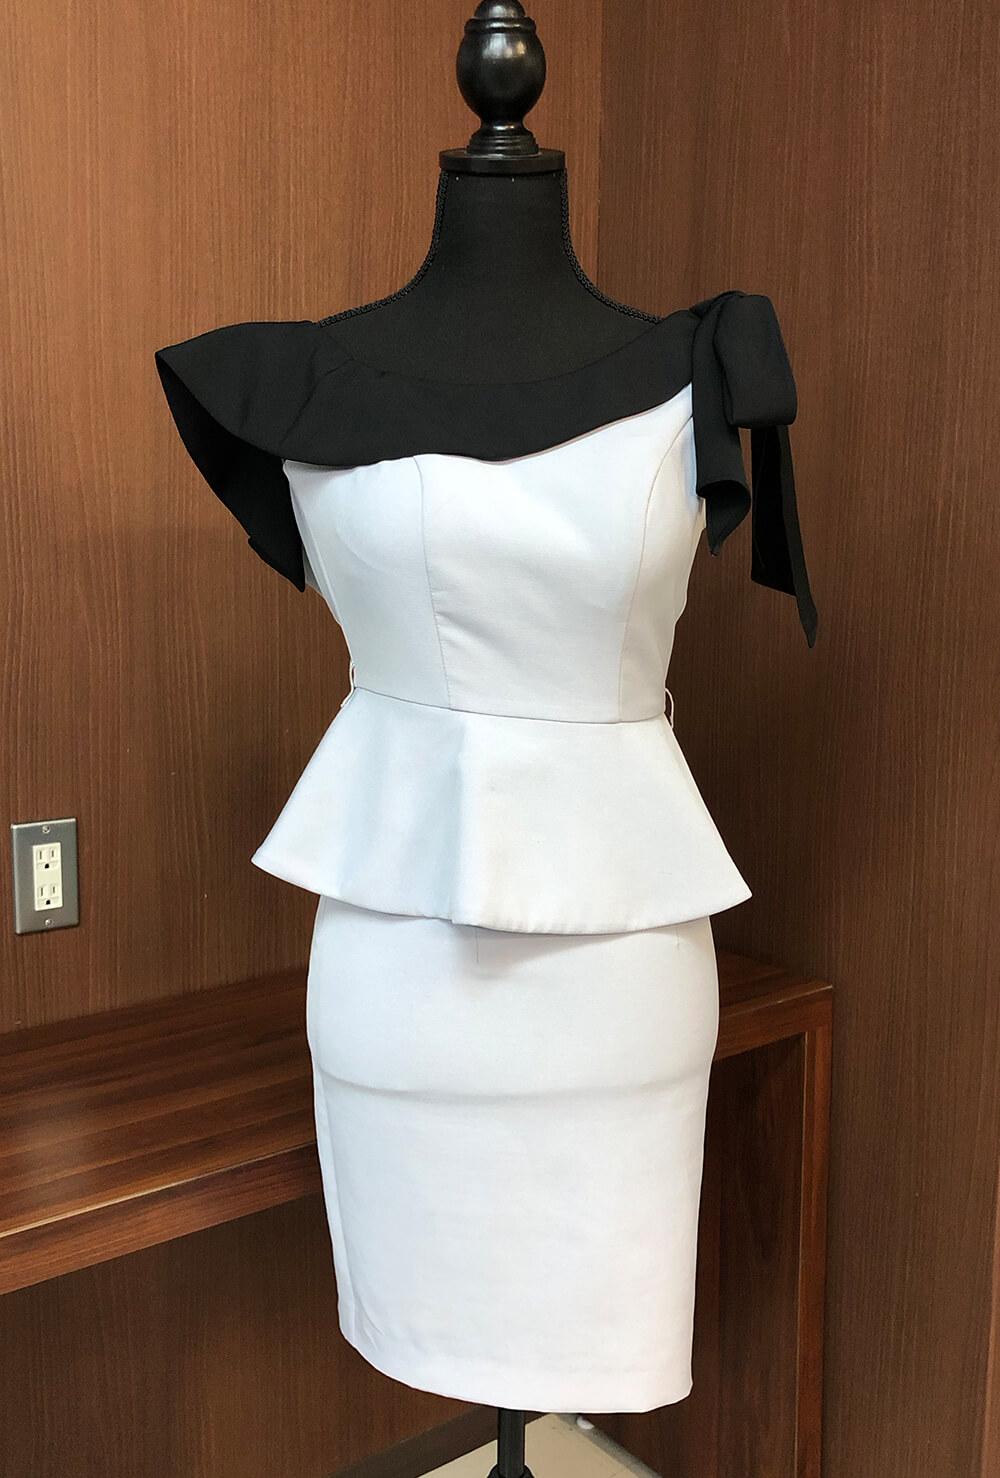 アシンメトリーな襟もとのフリルがおしゃれなタイトミニドレス